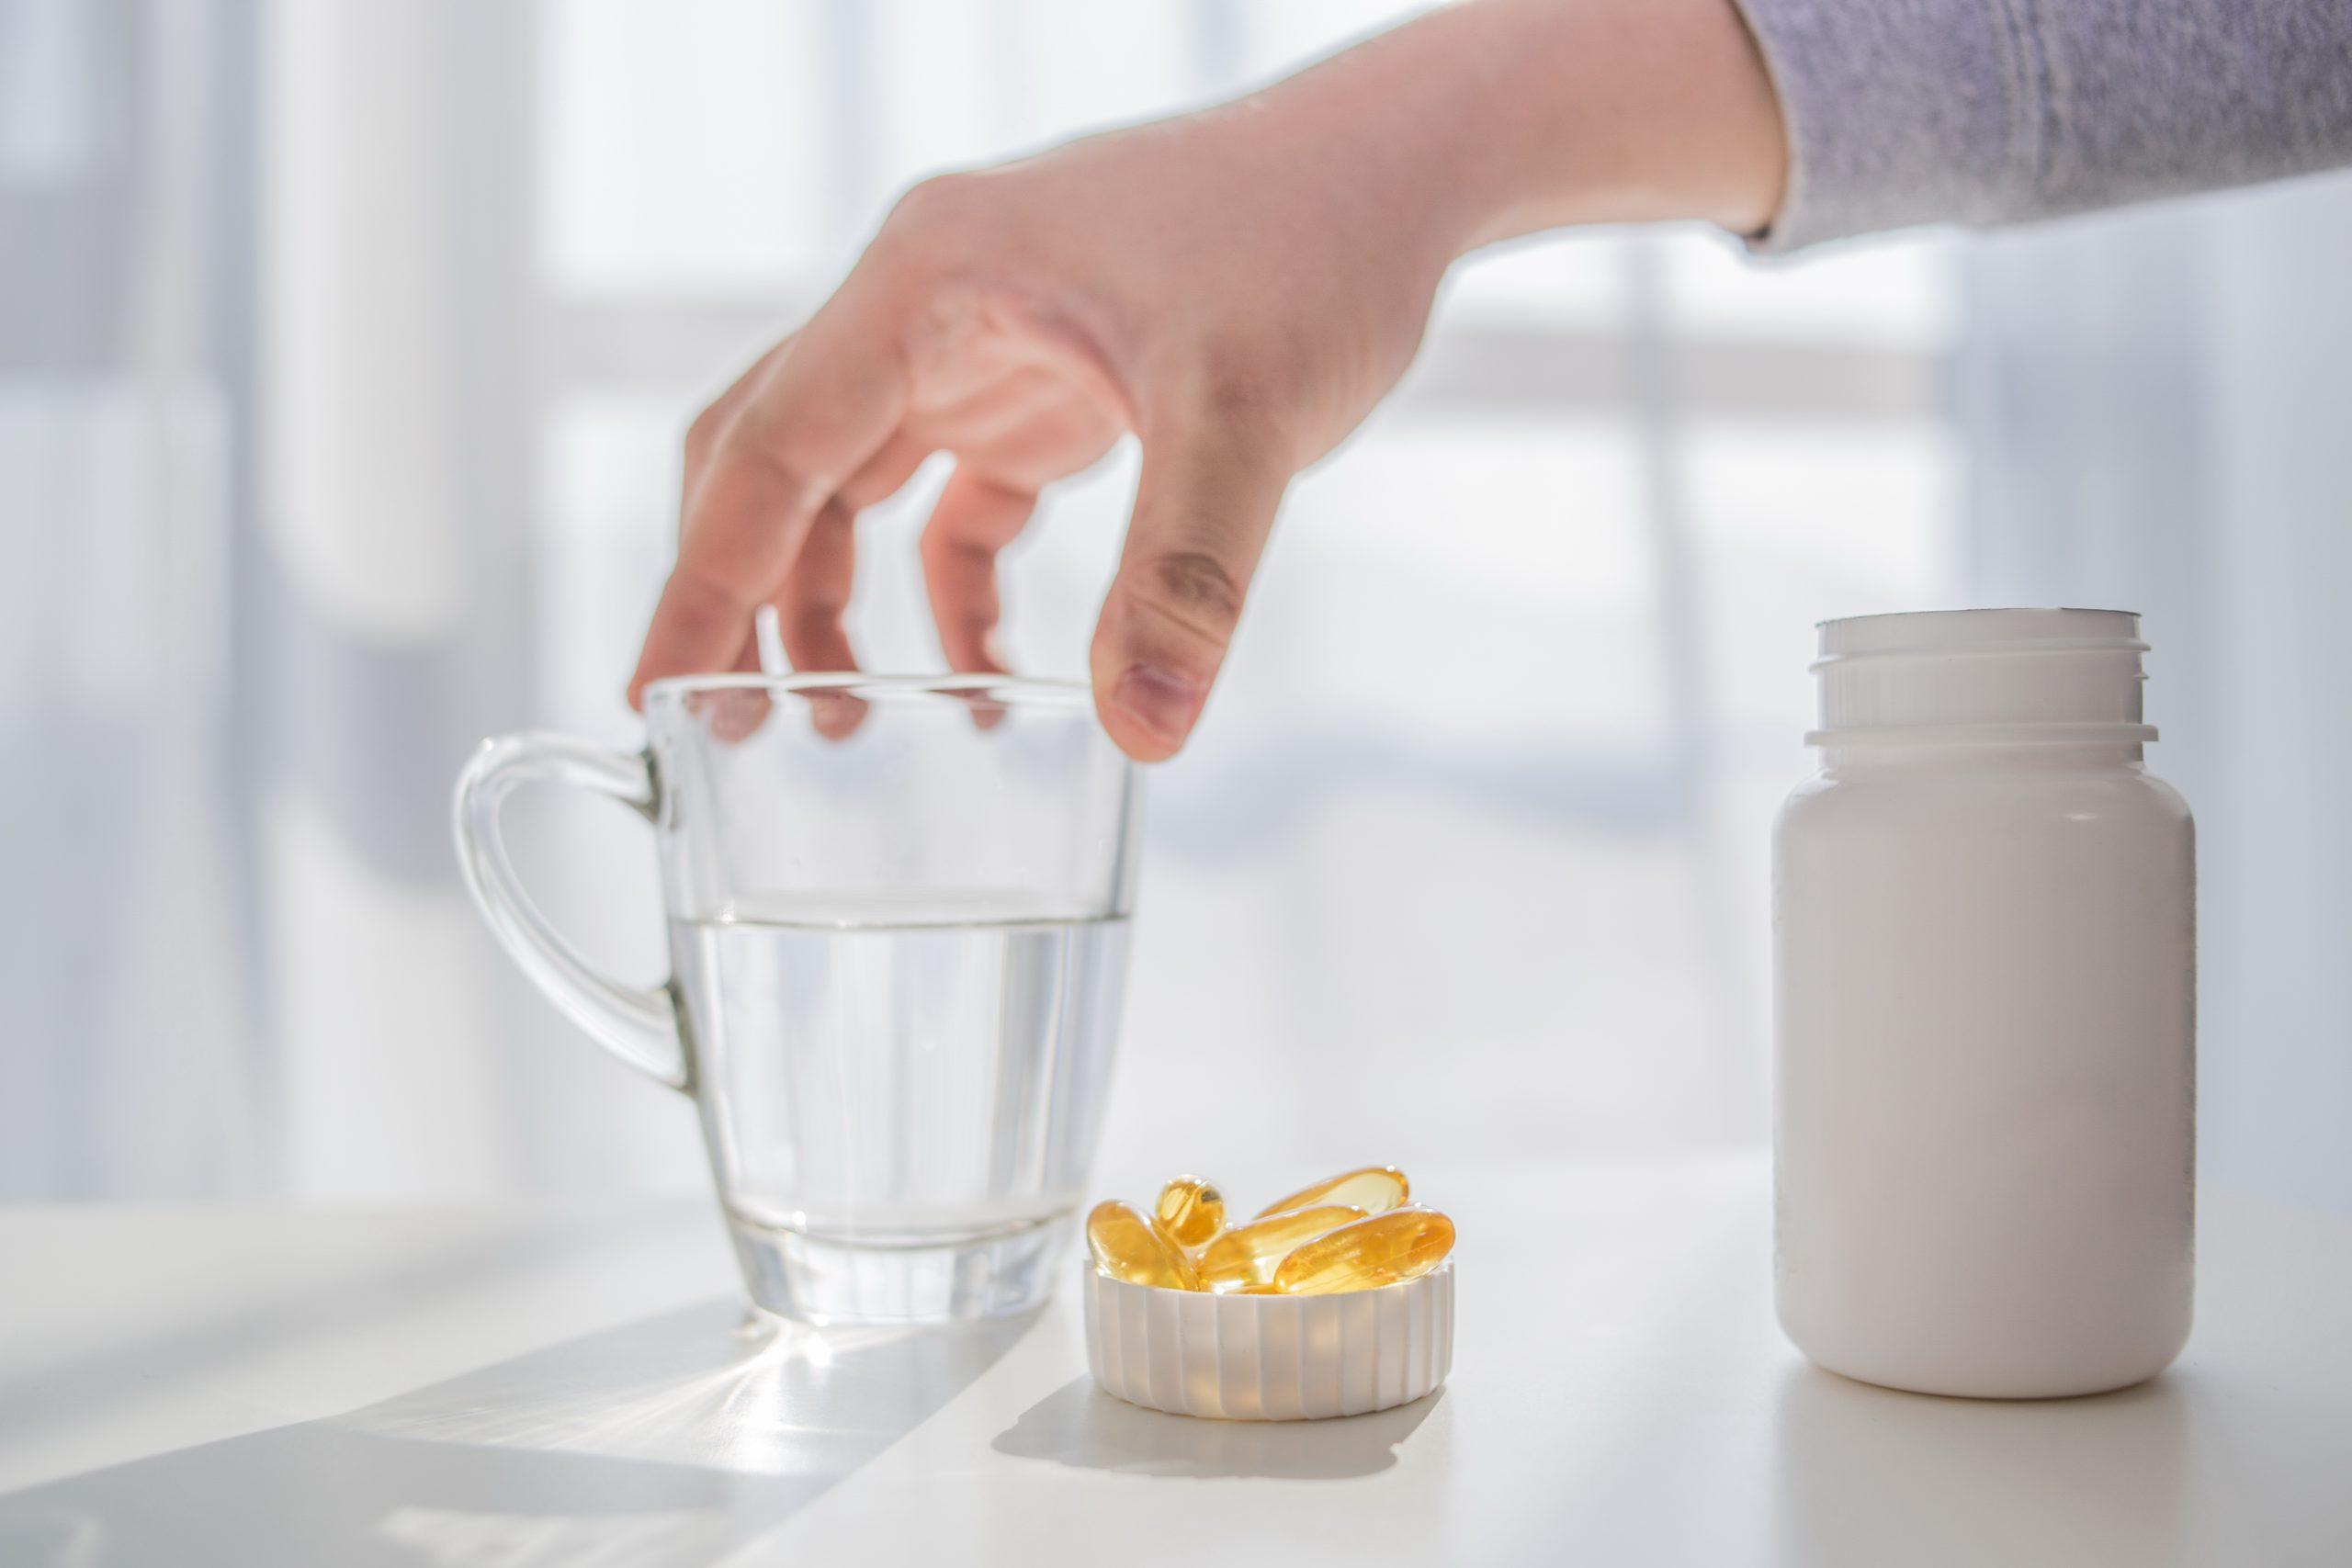 Pessoa com mão sob um copo de água. Ao lado existe um pote de suplemento aberto. A tampa está na mesa com cápsulas dentro.